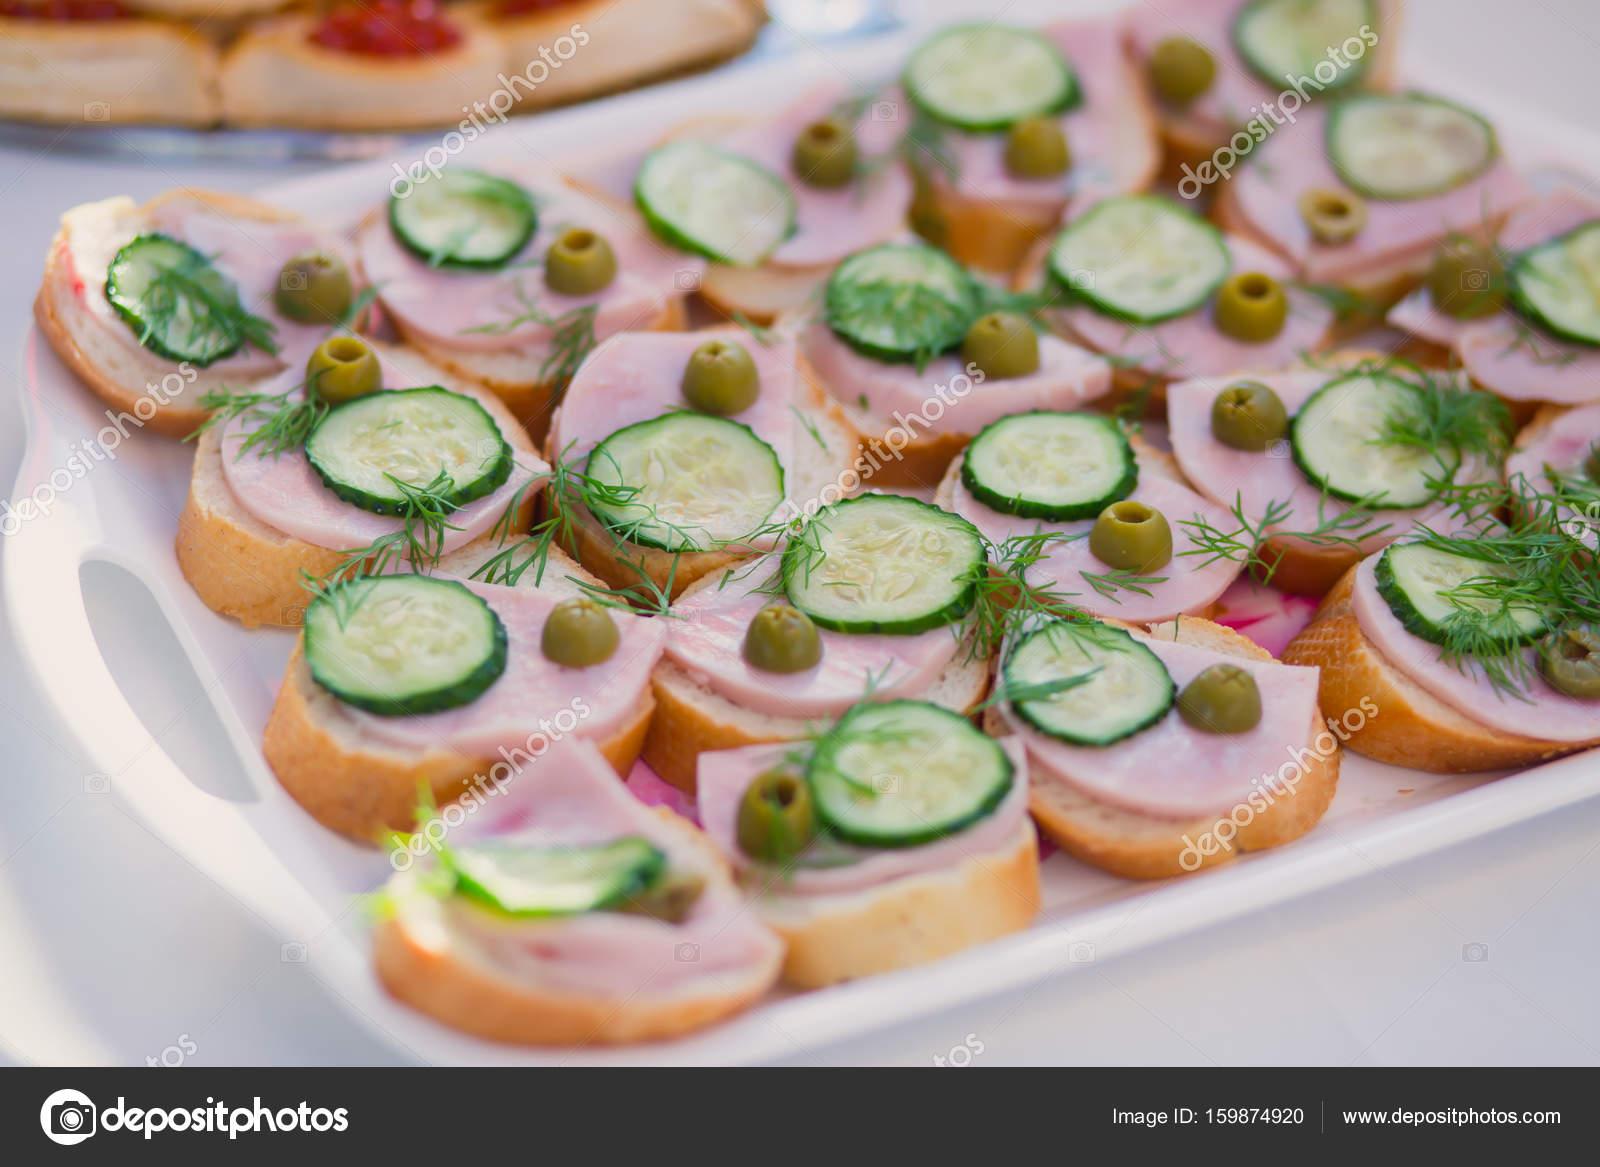 Wunderschon Dekoriert Catering Banketttisch Mit Verschiedenen Food